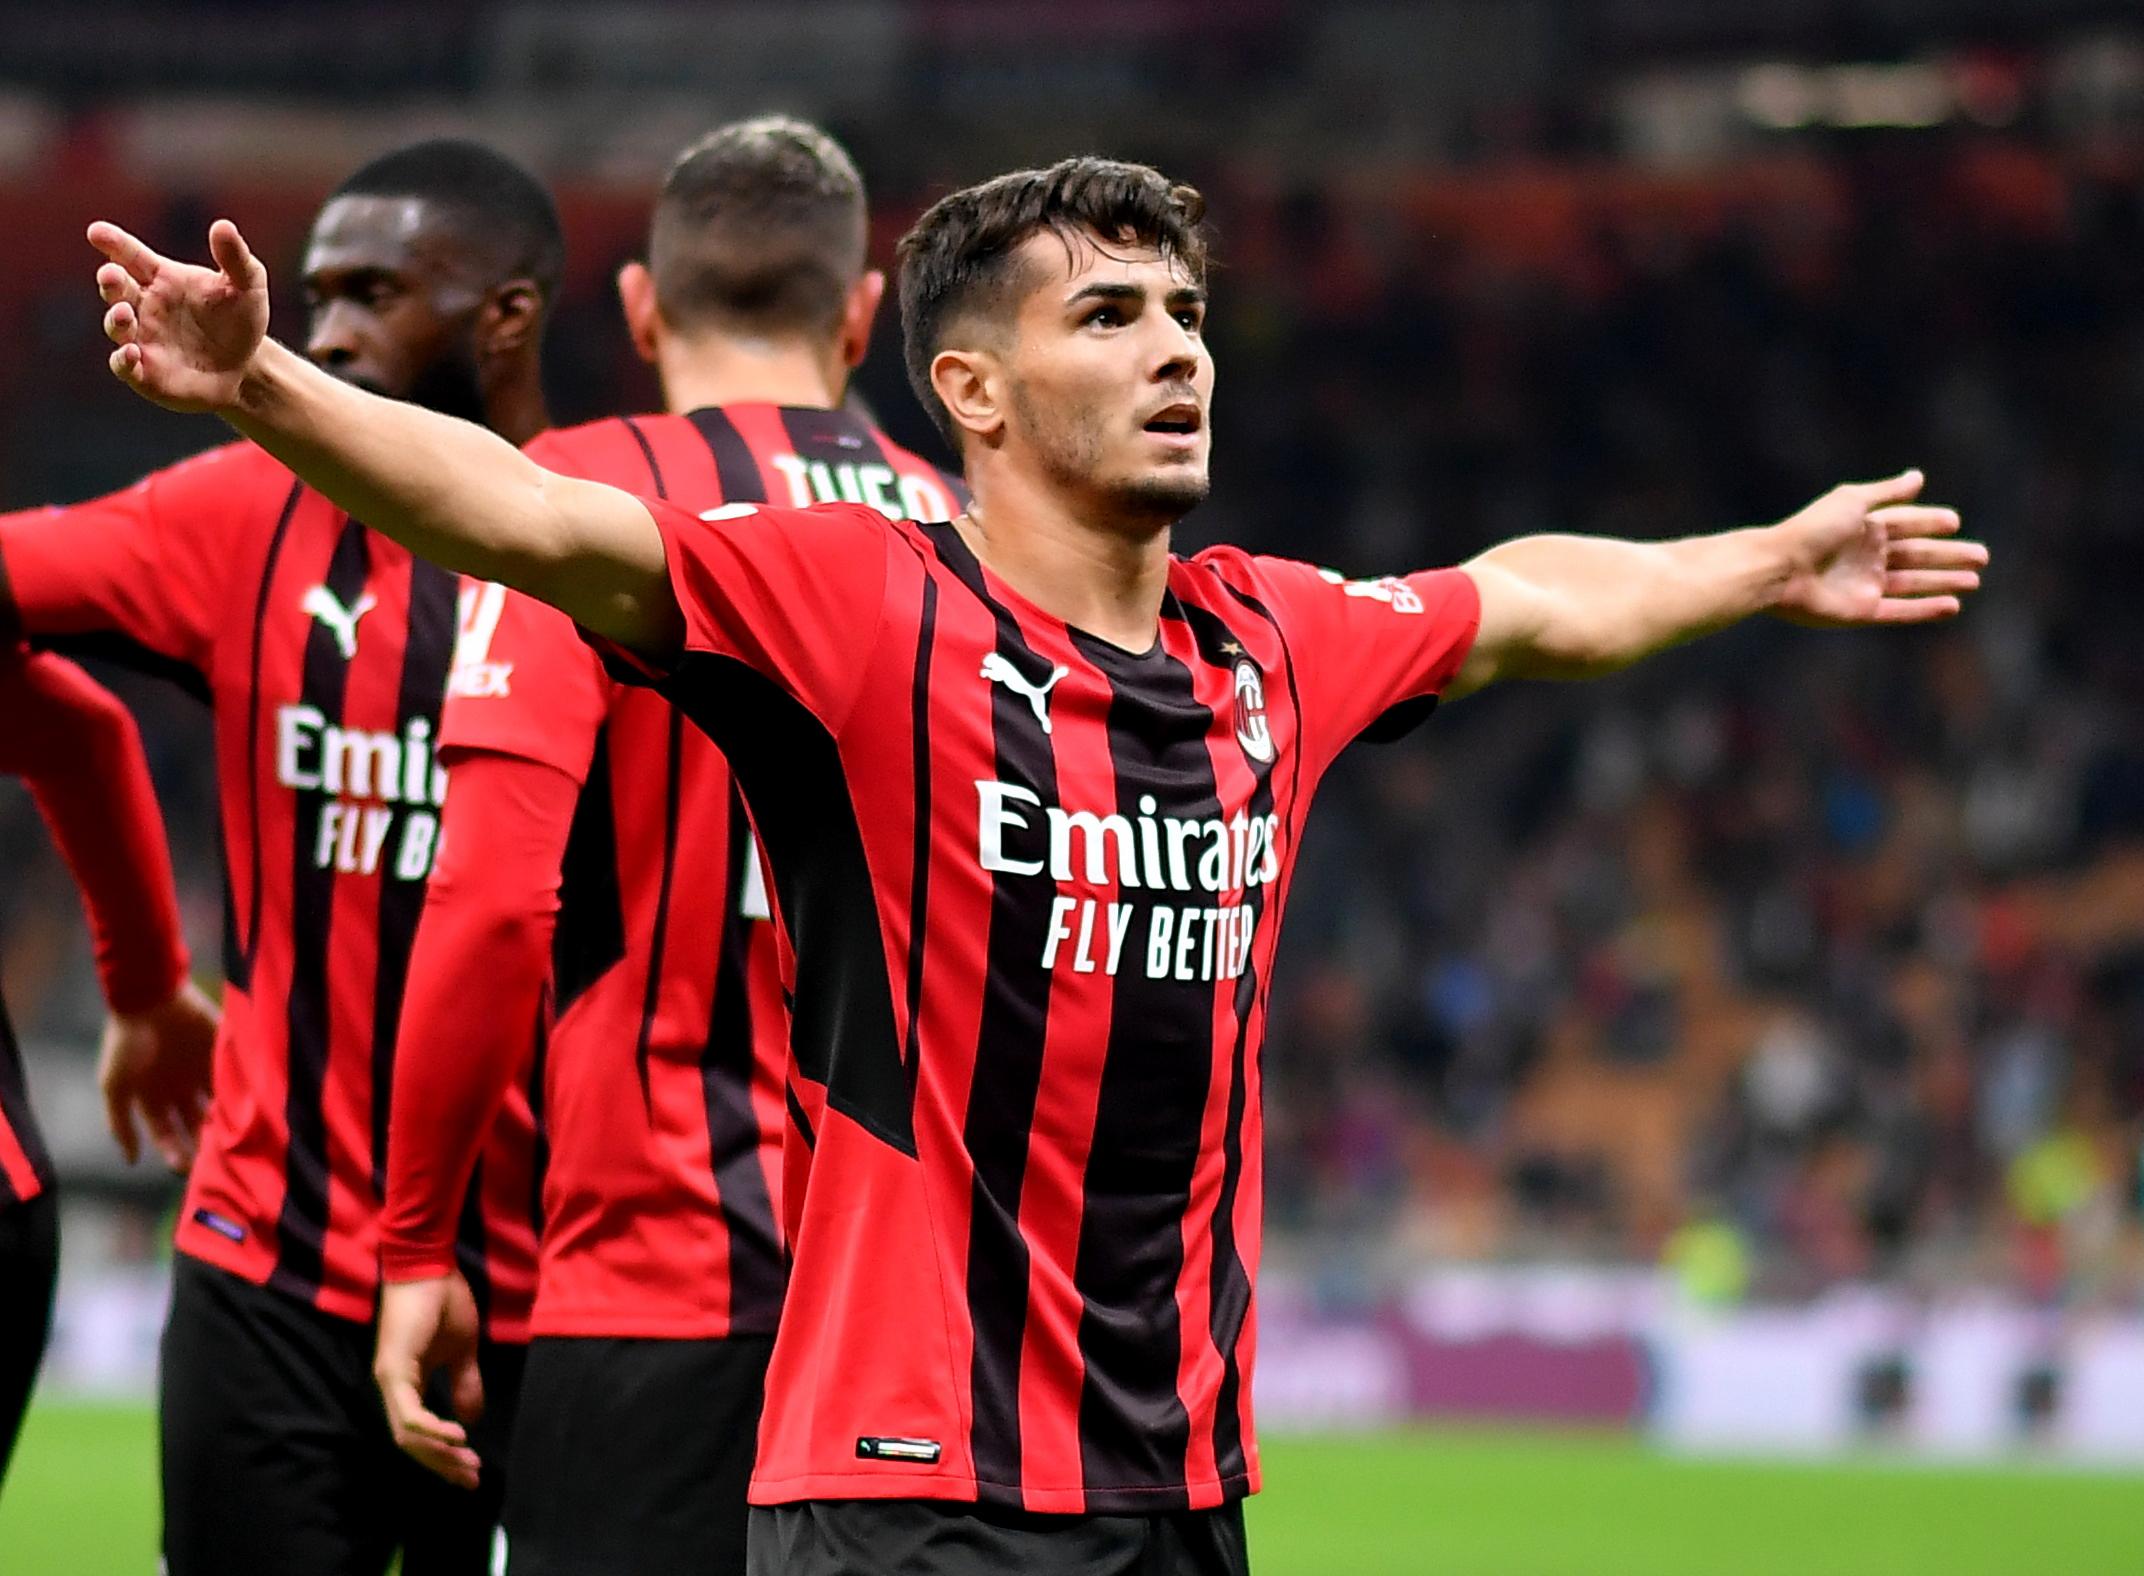 Μίλαν – Βενέτσια 2-0: Στην κορυφή του ιταλικού πρωταθλήματος οι ροσονέρι